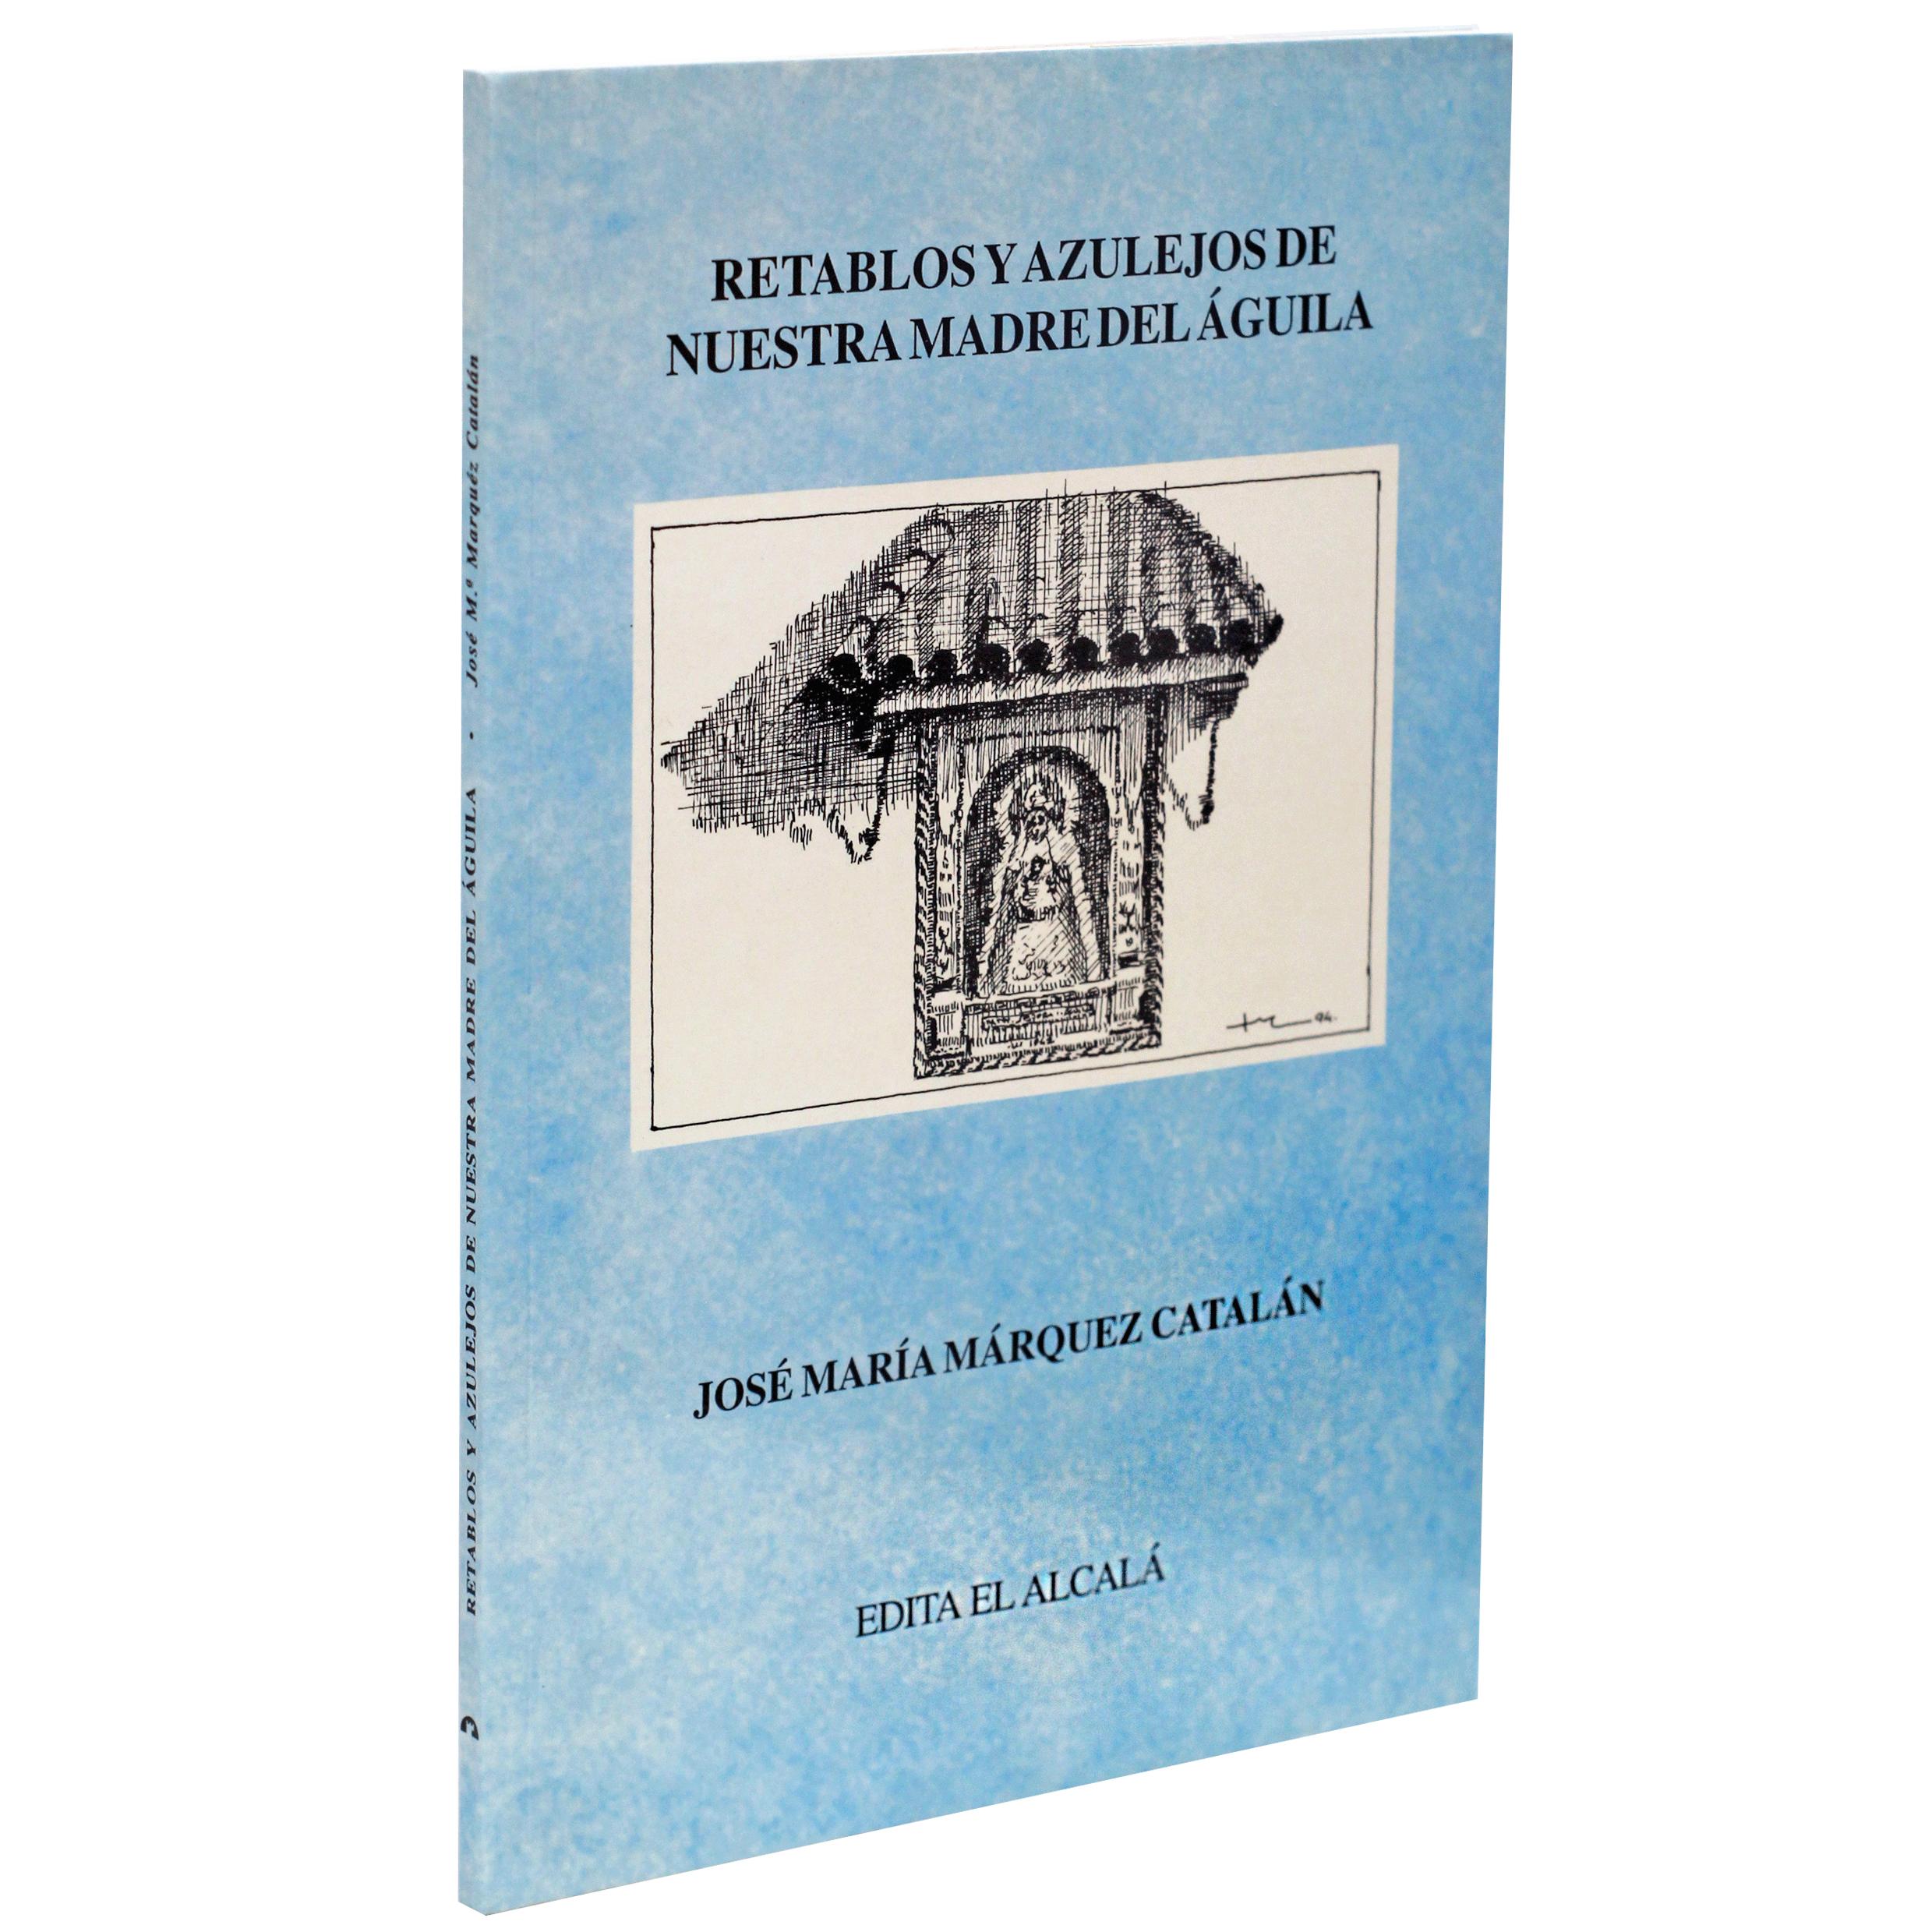 Retablos y azulejos de nuestra madre del Águila, de José María Márquez Catalán